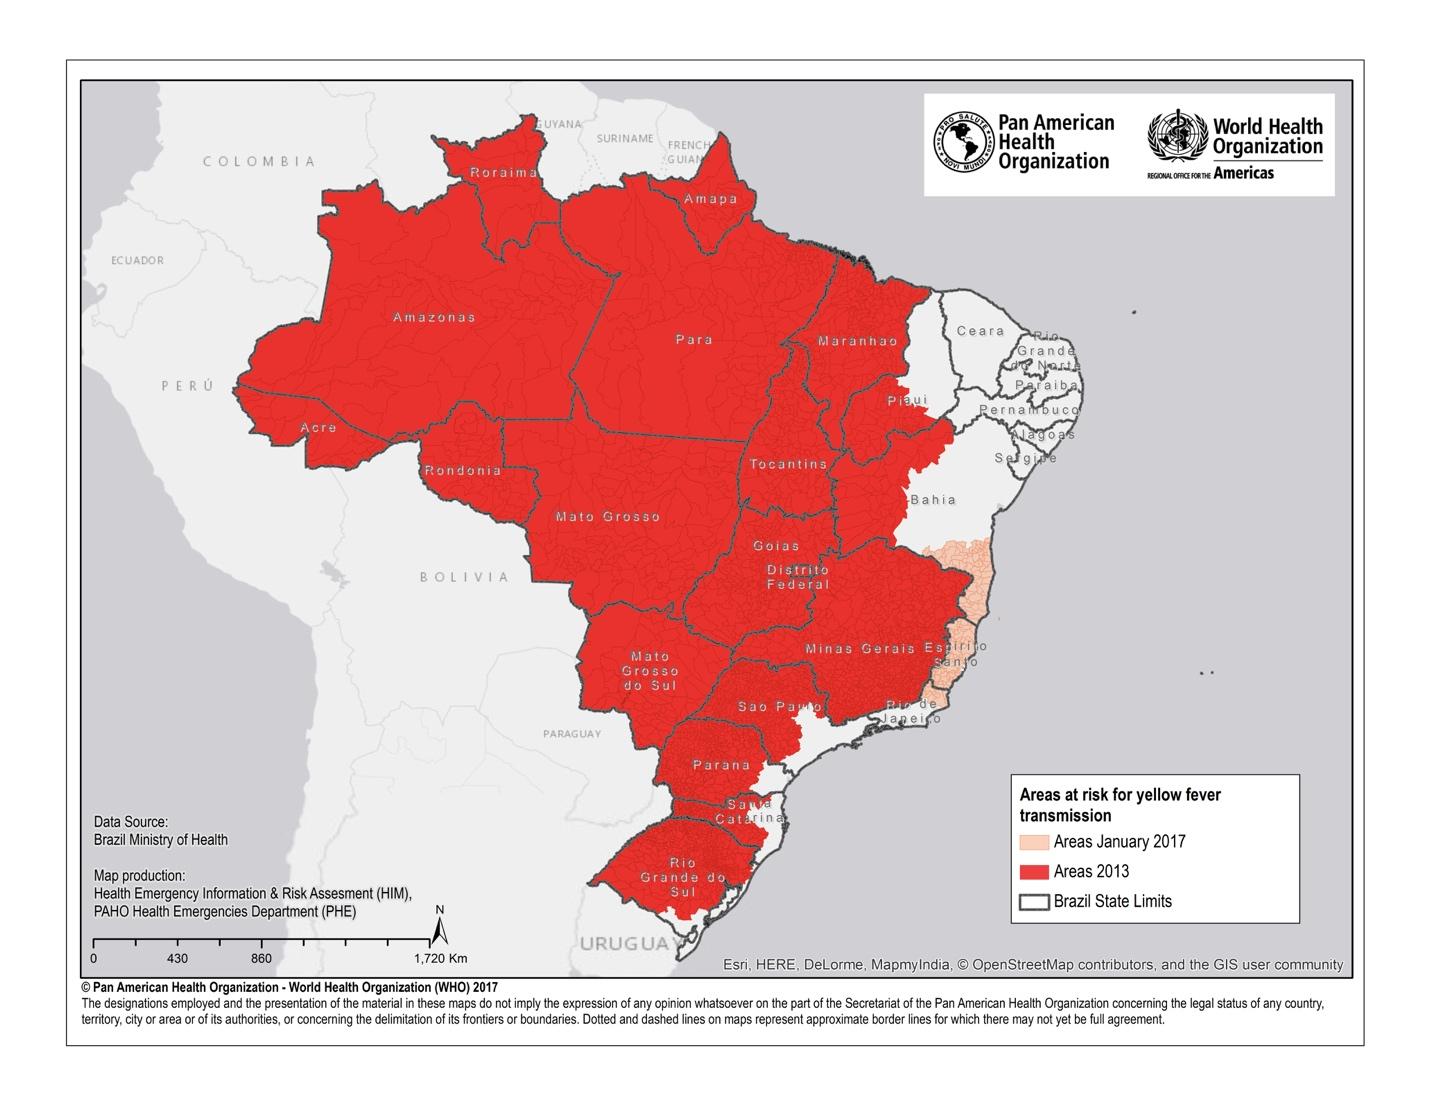 27-january-2017-yellow-fever-risk-map-brazil - Dr. med ...